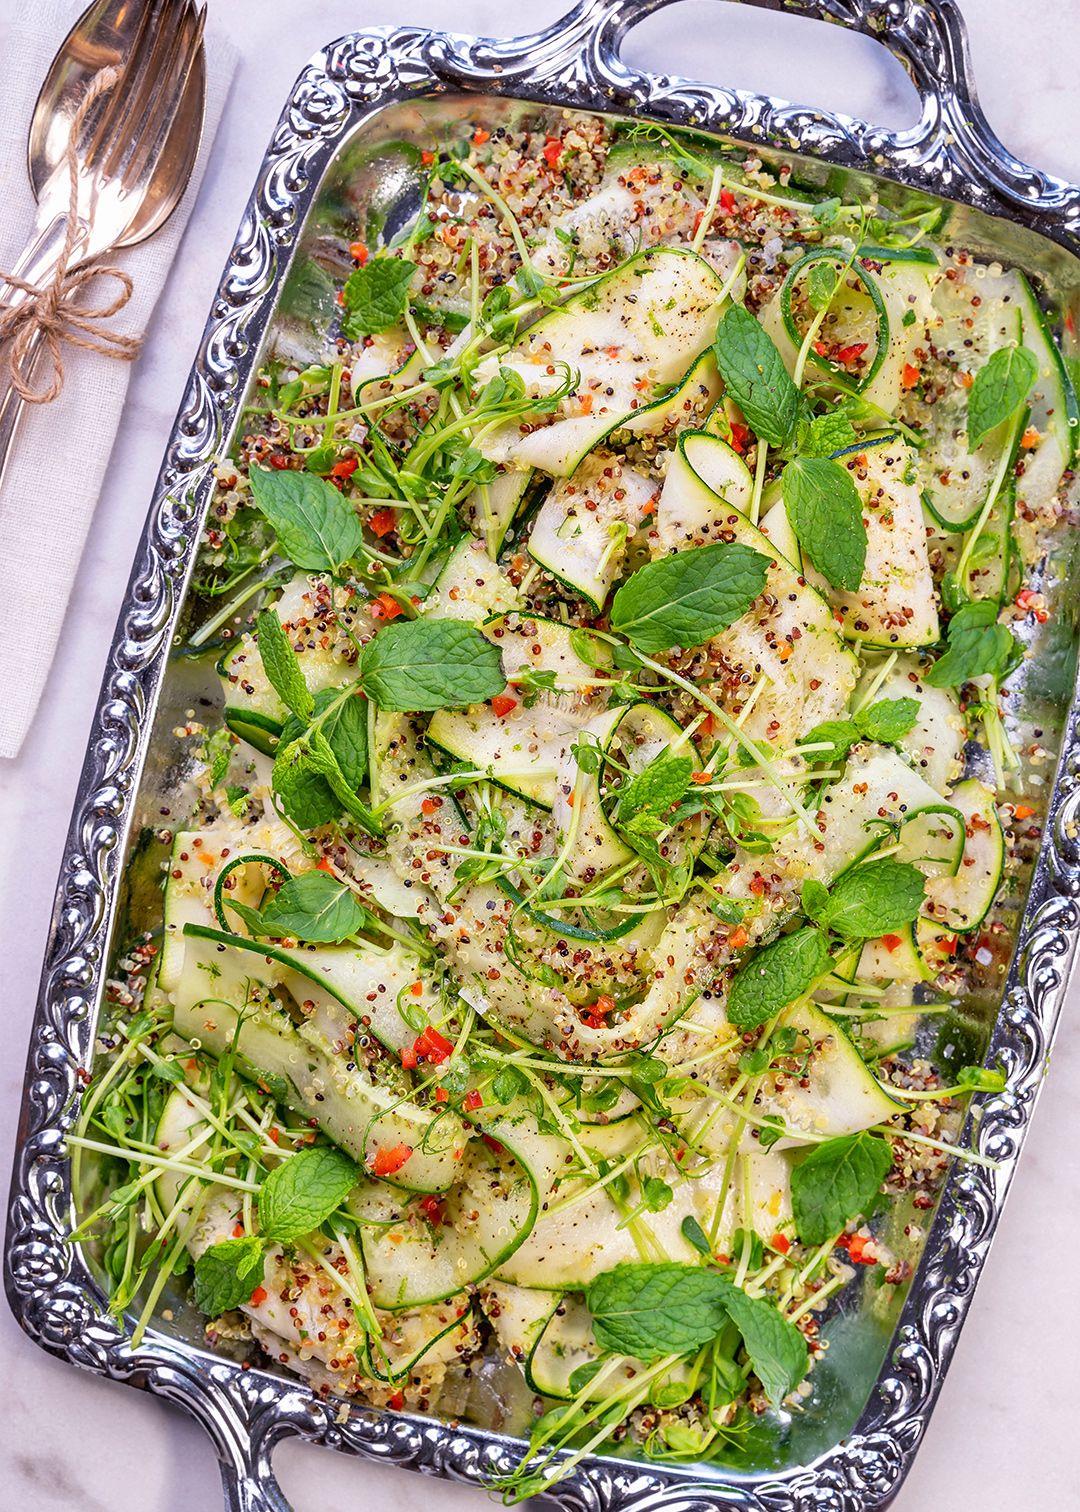 Asiatisk zucchini- och gurksallad Fräsch sallad på zucchini, gurka och quinoa - perfekt till grillmiddagen och lika gott till halloumi, fisk eller kött!